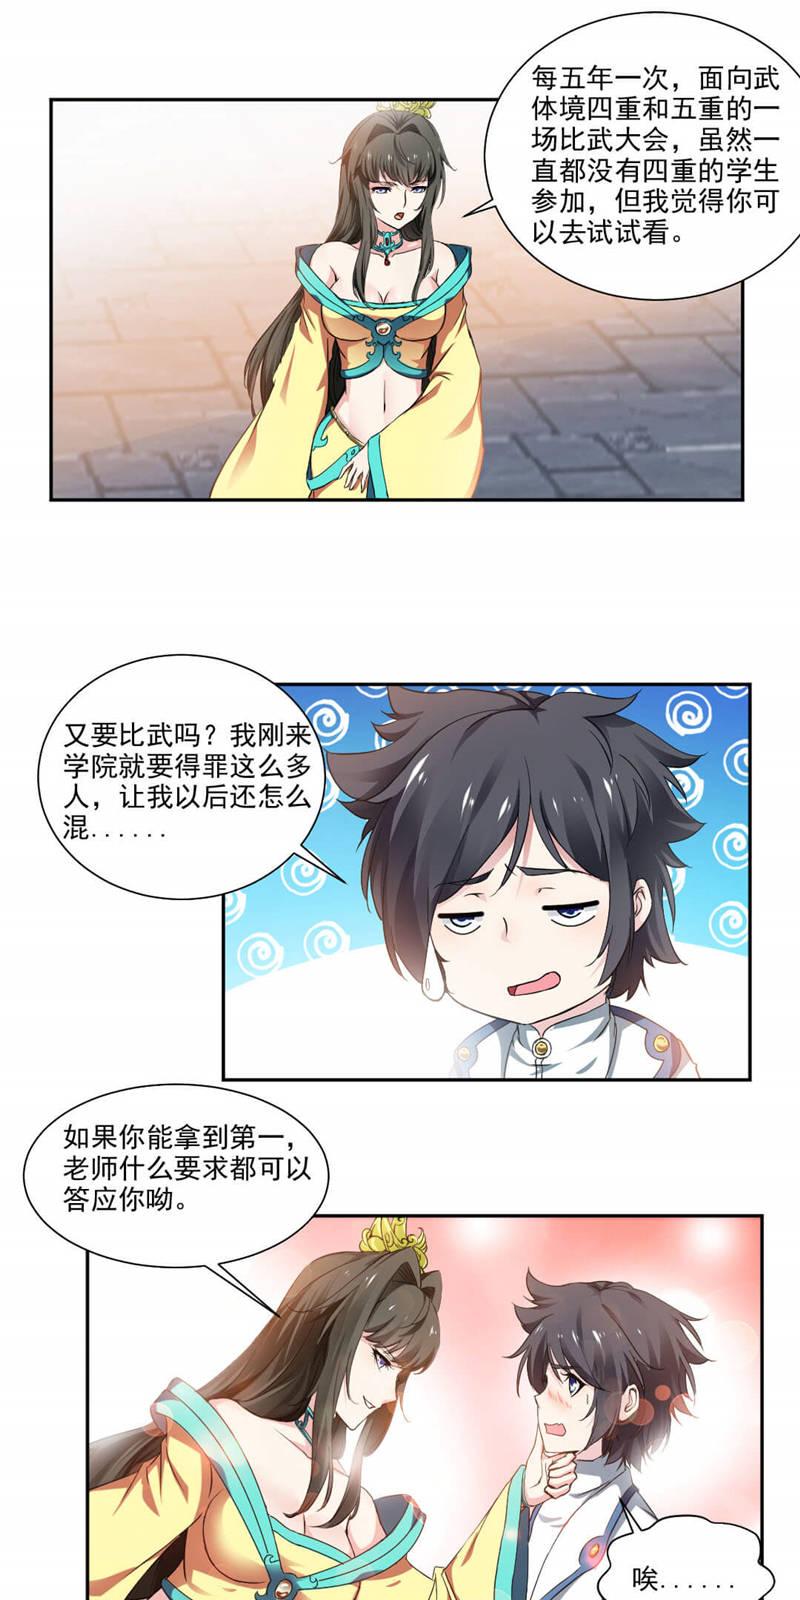 九阳神王第12话  未婚妻来袭?! 第 10